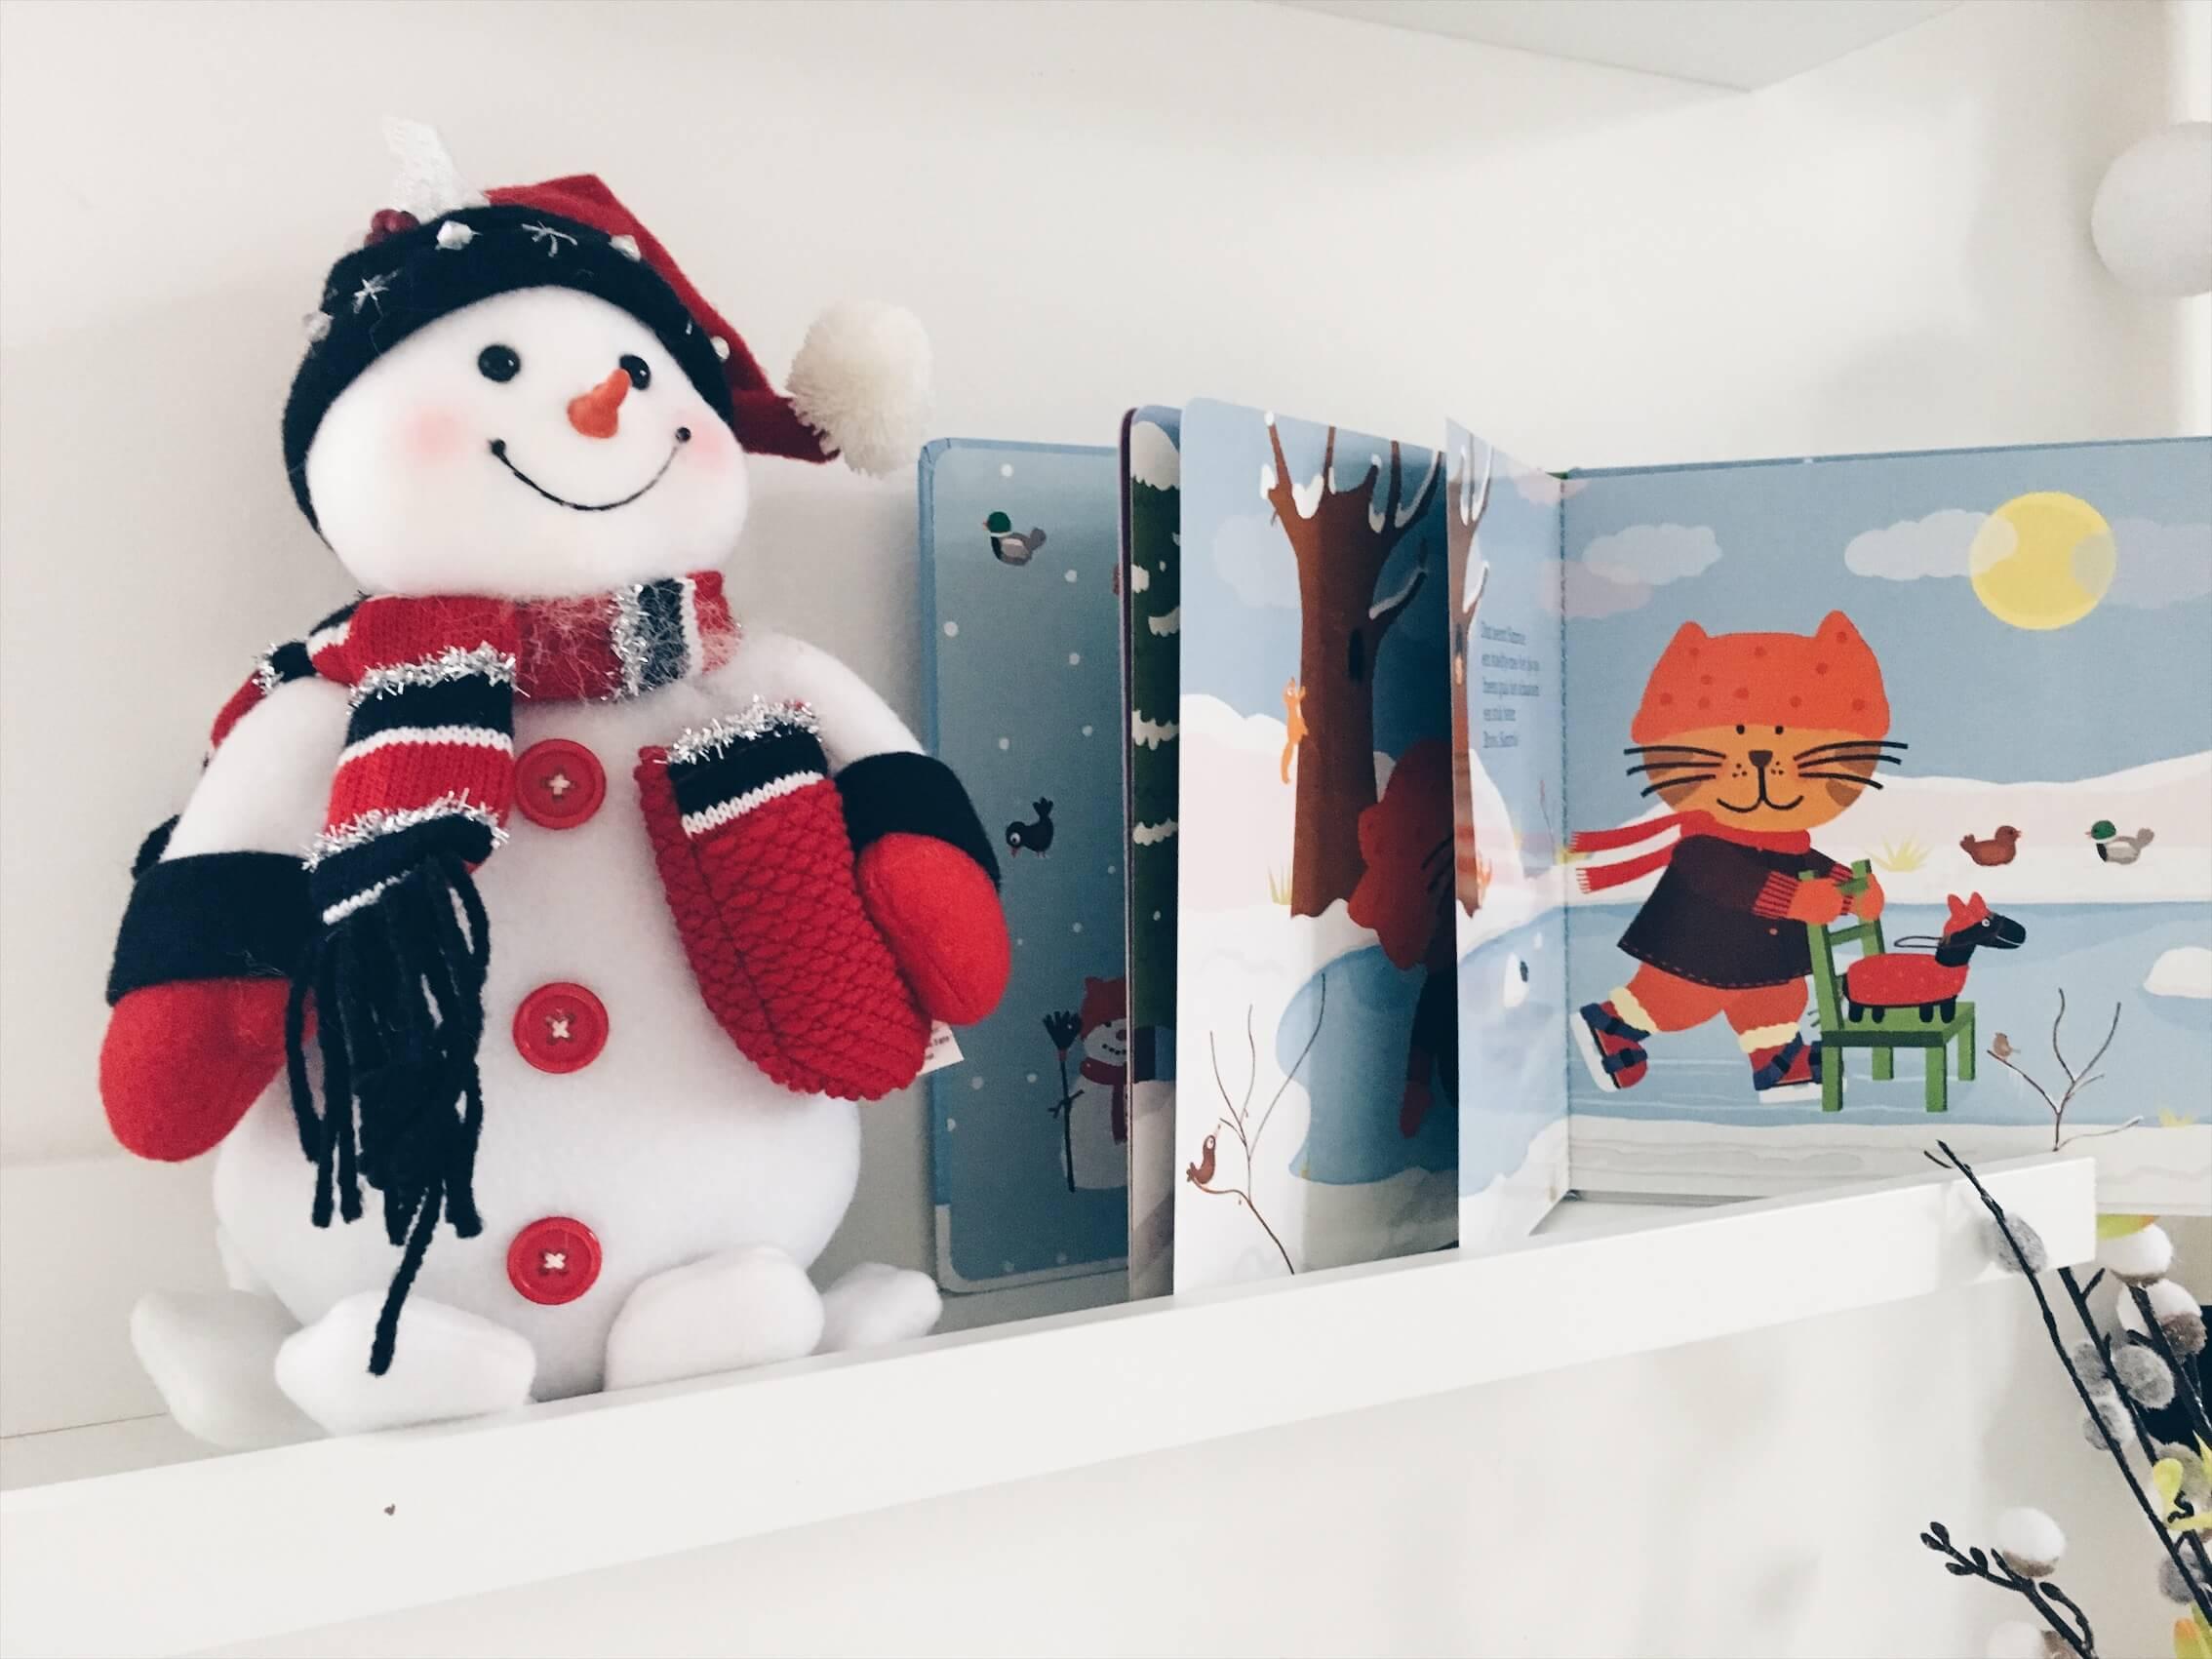 7934CF71 791D 4998 A9AD A06A0C23B2F3 - Leuke en mooie (prenten)boeken voor de winterdagen